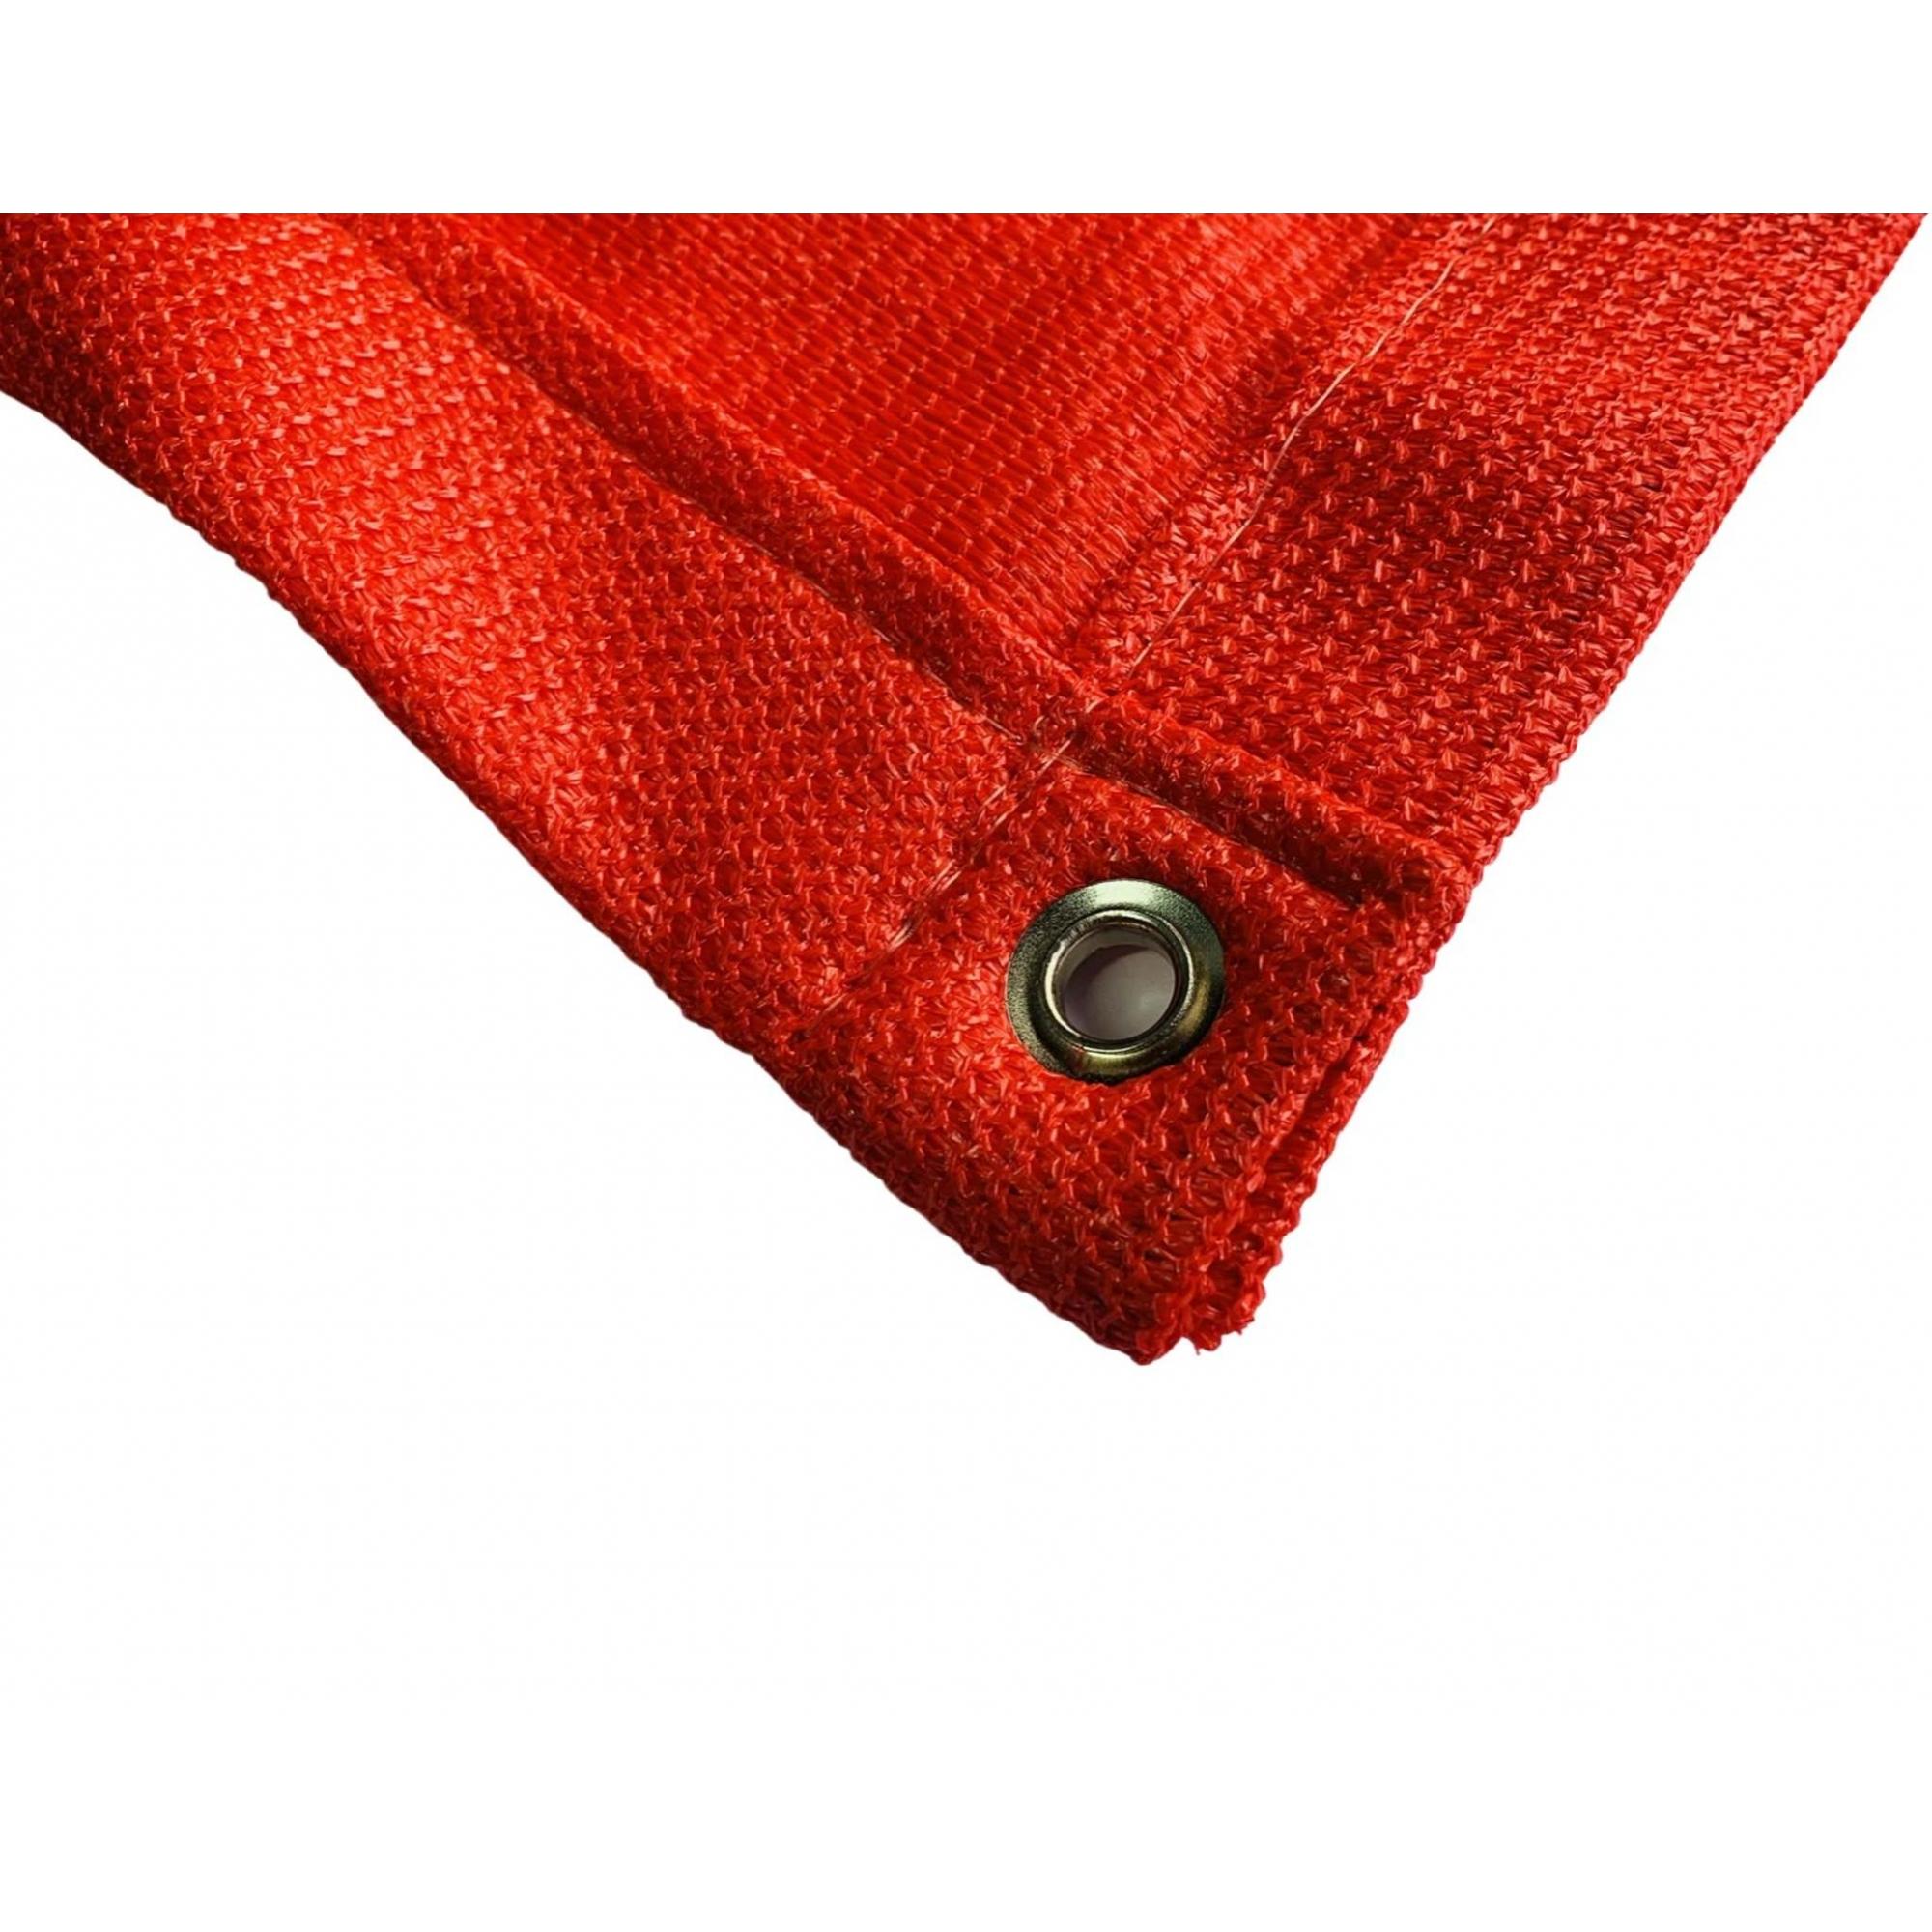 Tela de Sombreamento 90% Vermelha com Bainha e Ilhós - Largura: 3 Metros